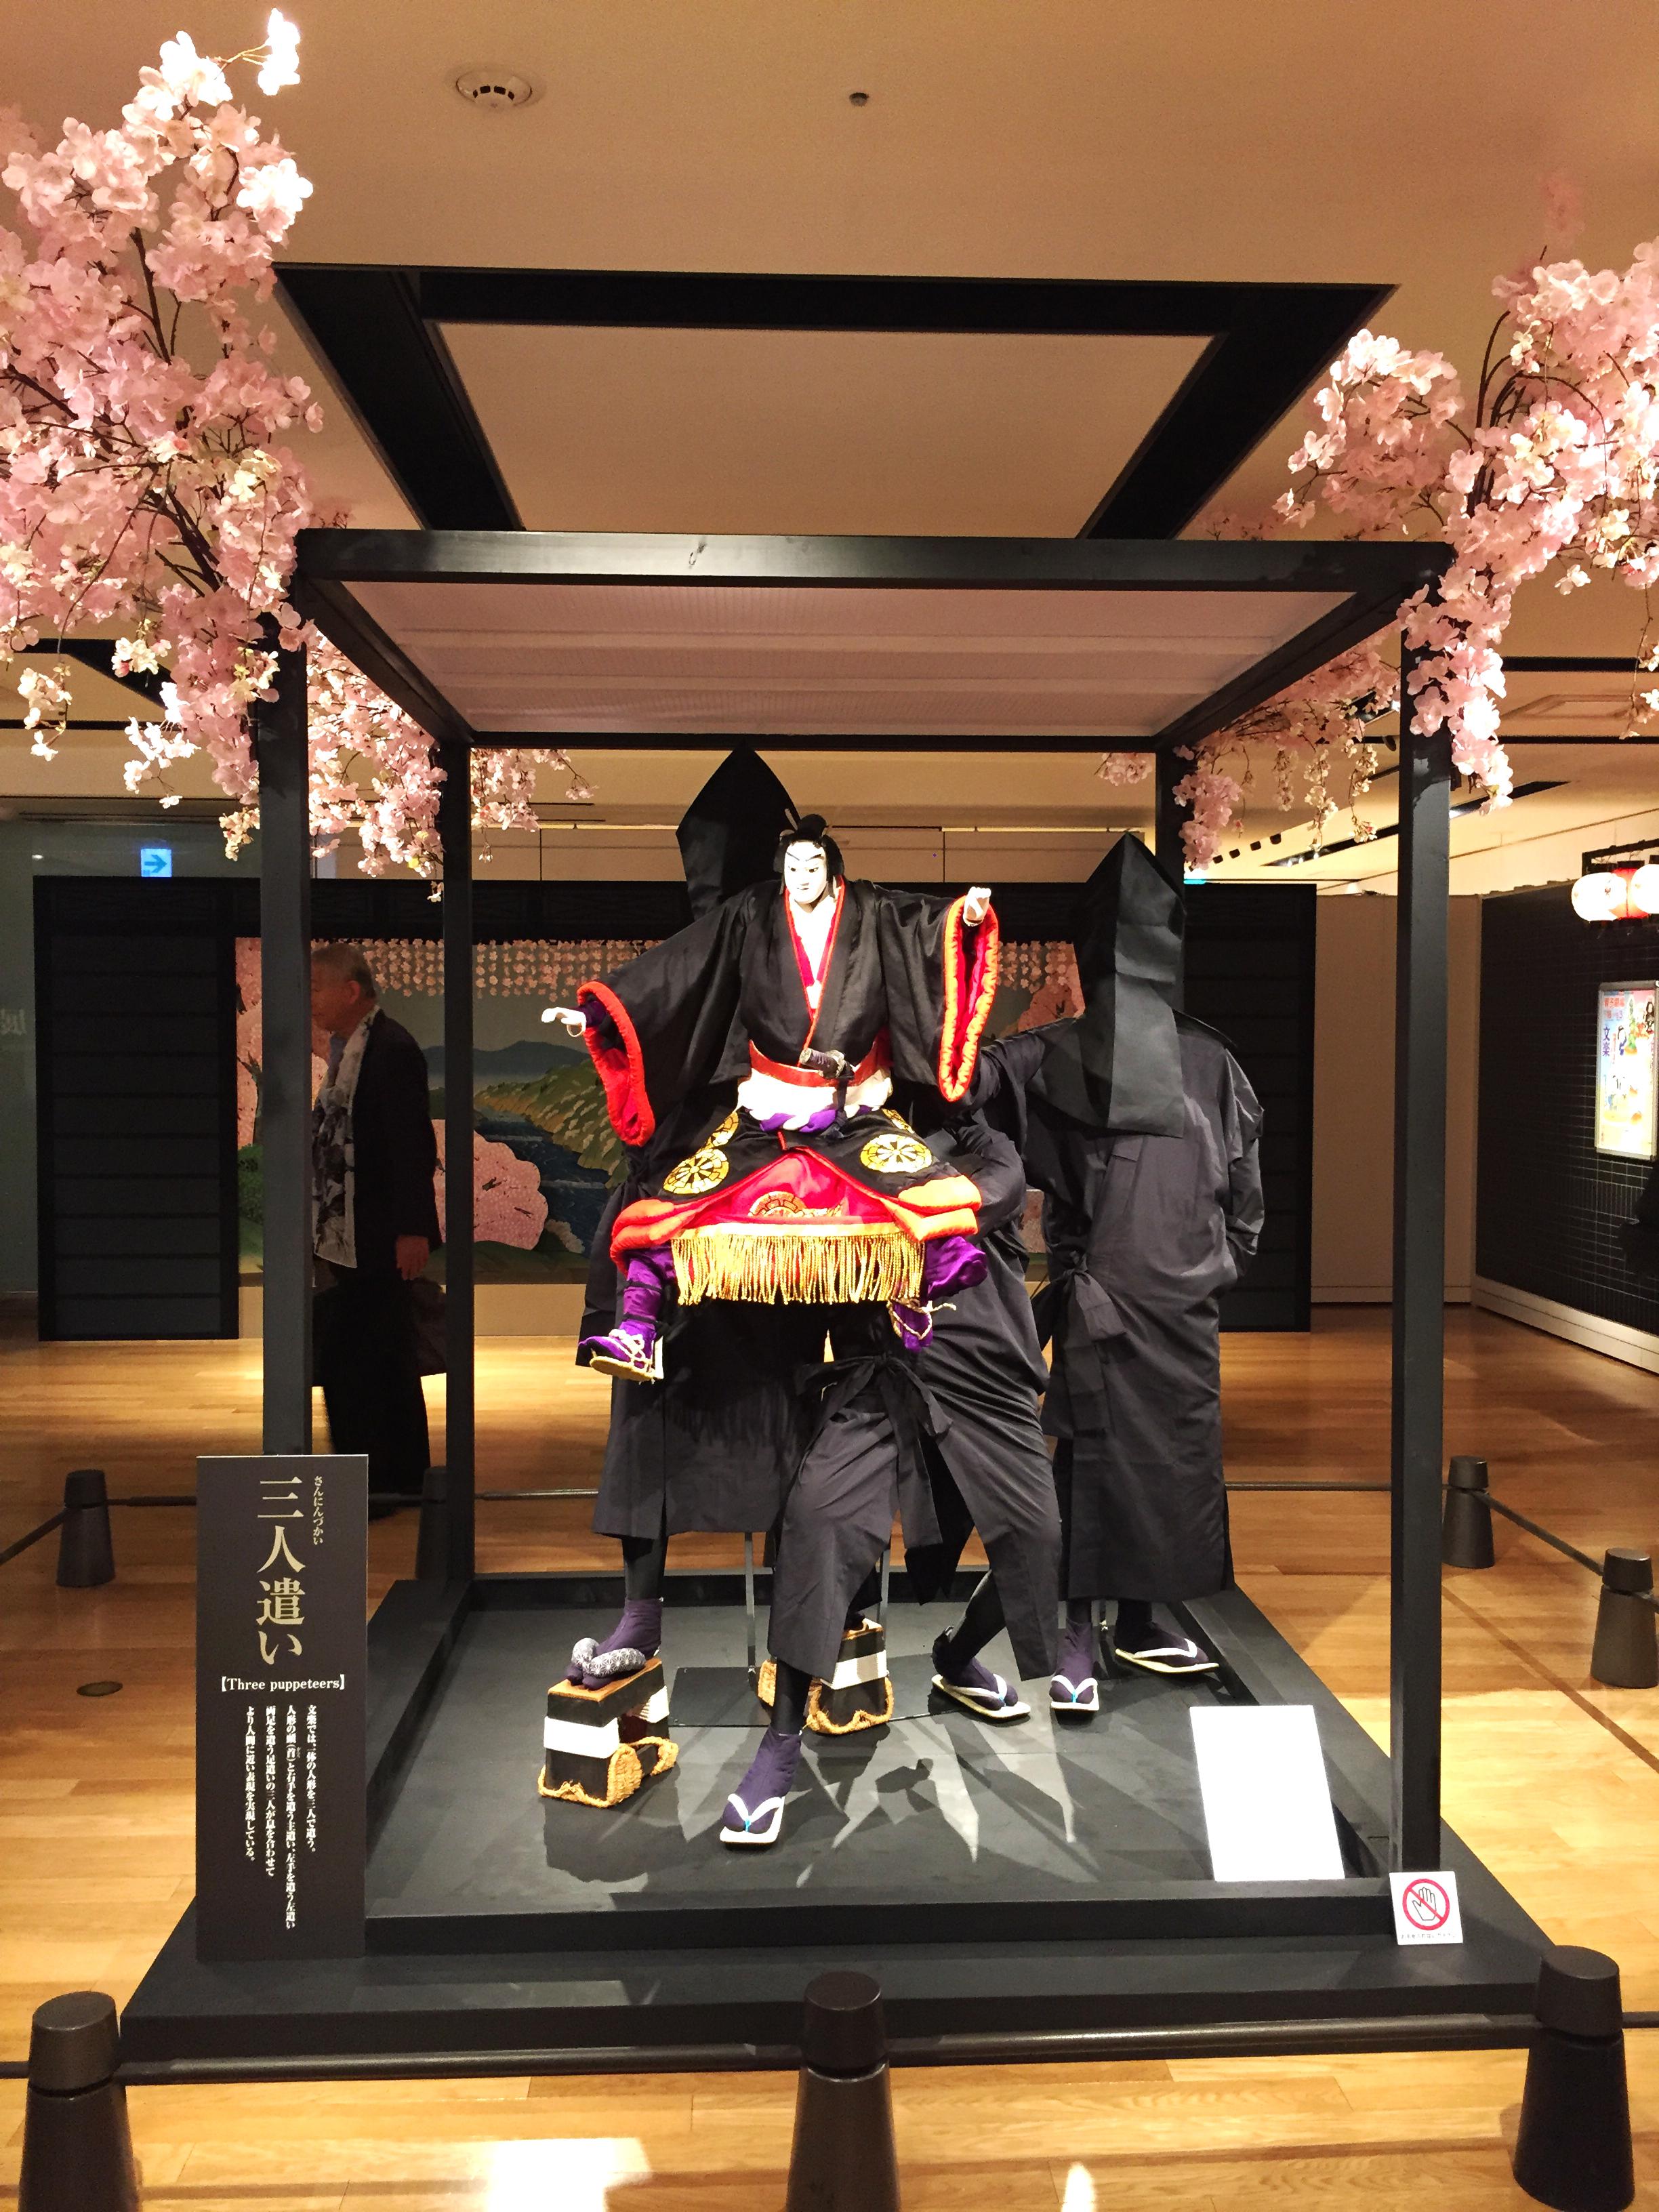 梅田阪急さんで開催中の文楽の世界展。 うめだギャラリー、ウィンドウ、インスタレーションの企画、デザイン。制作を様々なプロフェッショナルの方々のお力を借りながらさせて頂きました。 すばらしい文楽の世界を多くの方々に知って頂きたいと思います。